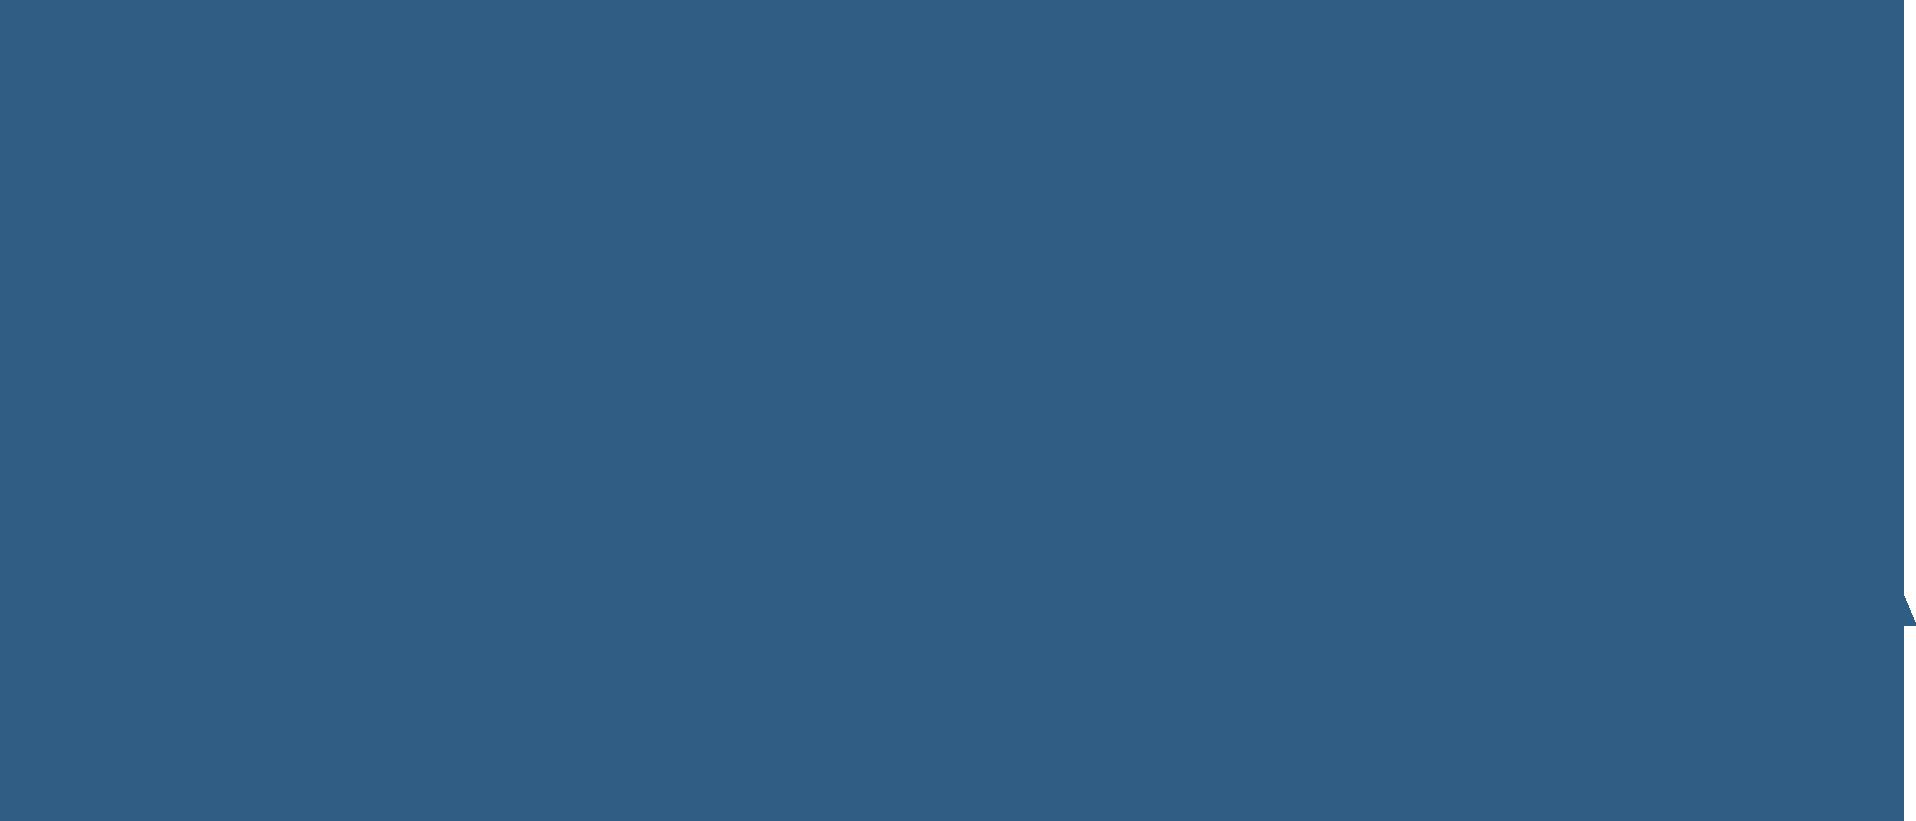 Các Hiệp định thương mại (FTA) mà Việt Nam đã tham gia tính đến nửa đầu năm 2019